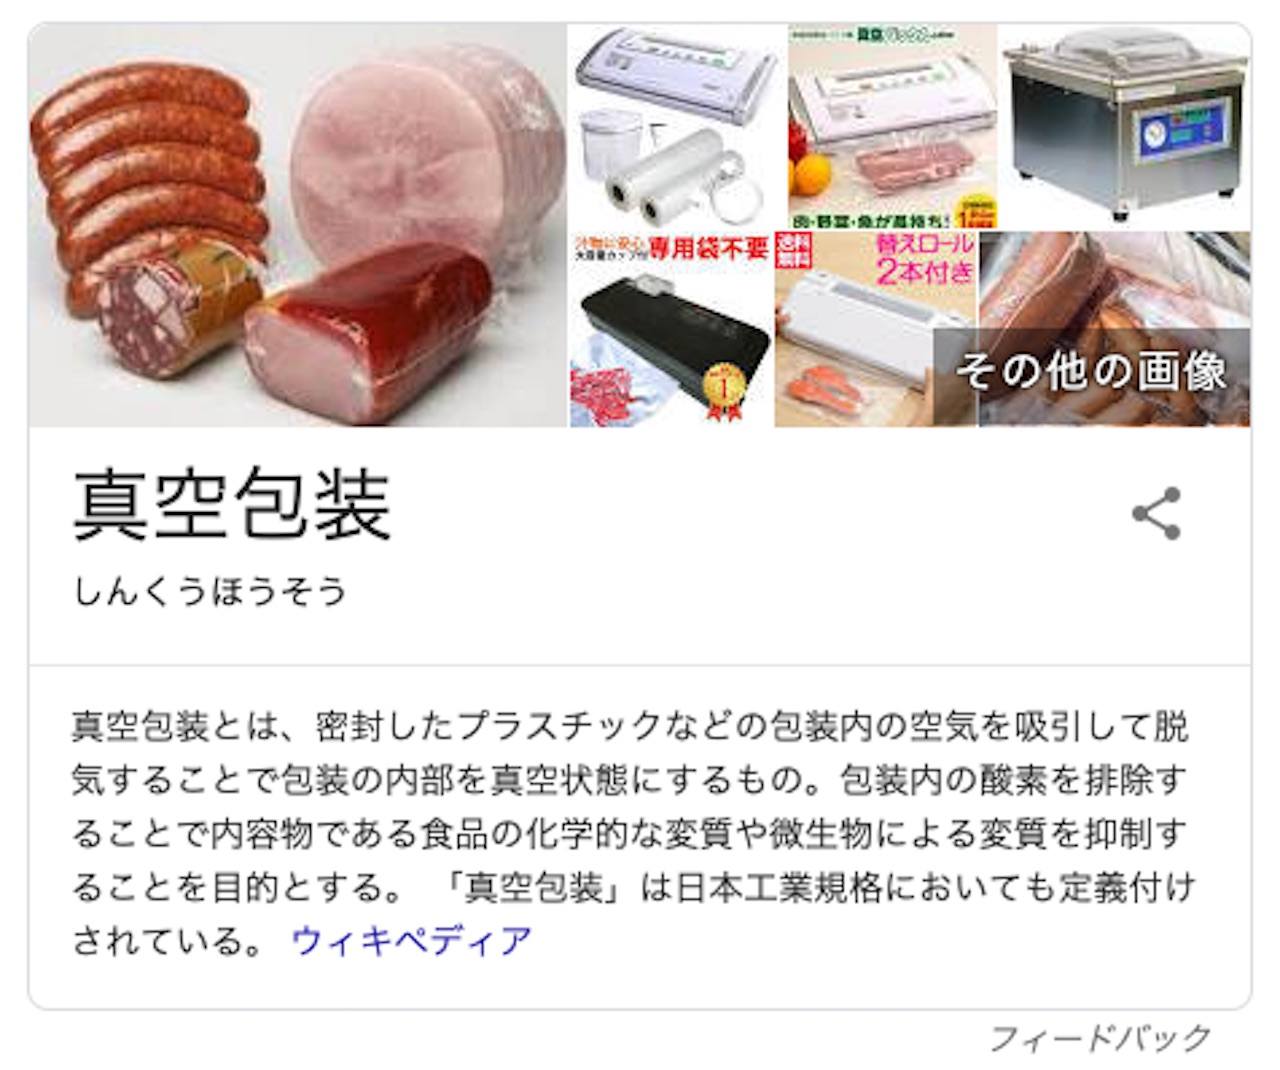 Airport meat keneki concent 0010